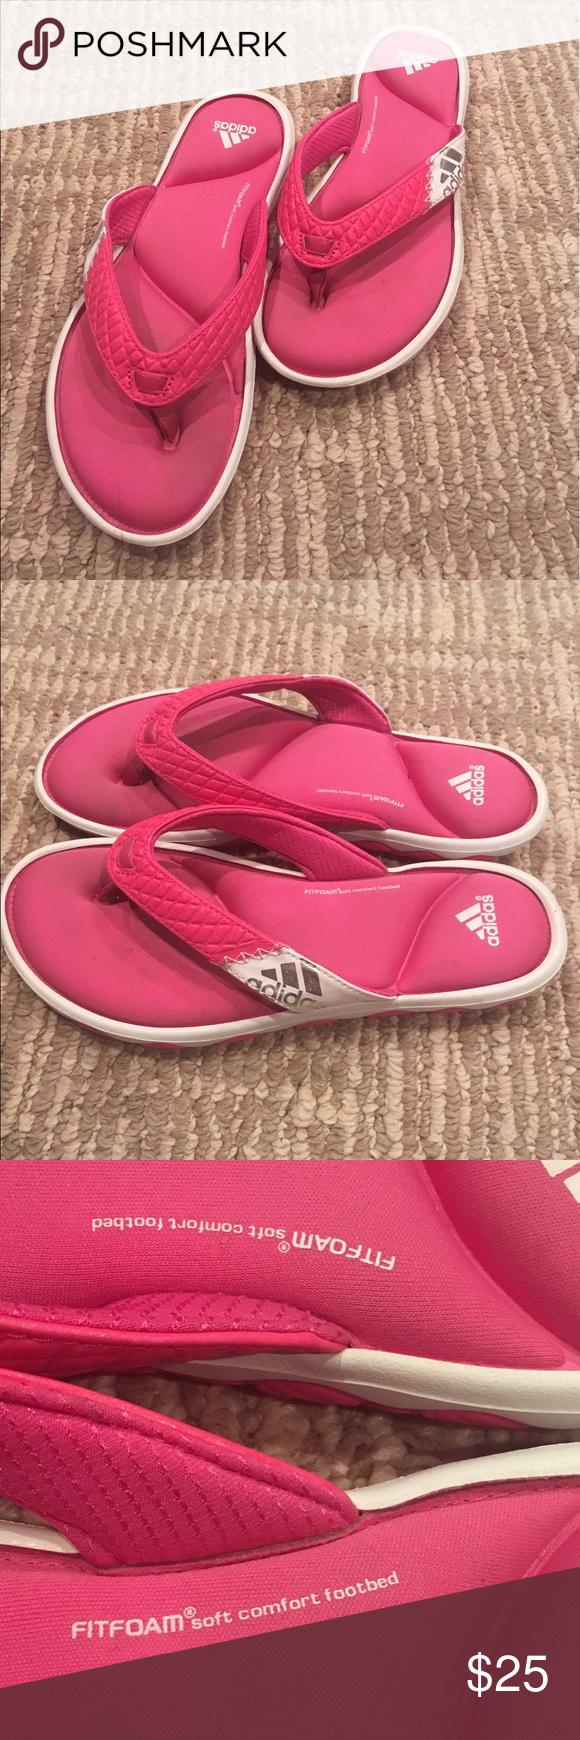 adidas mémoire sandale digne de mousse rose pinterest string sandale mémoire tong 85672f